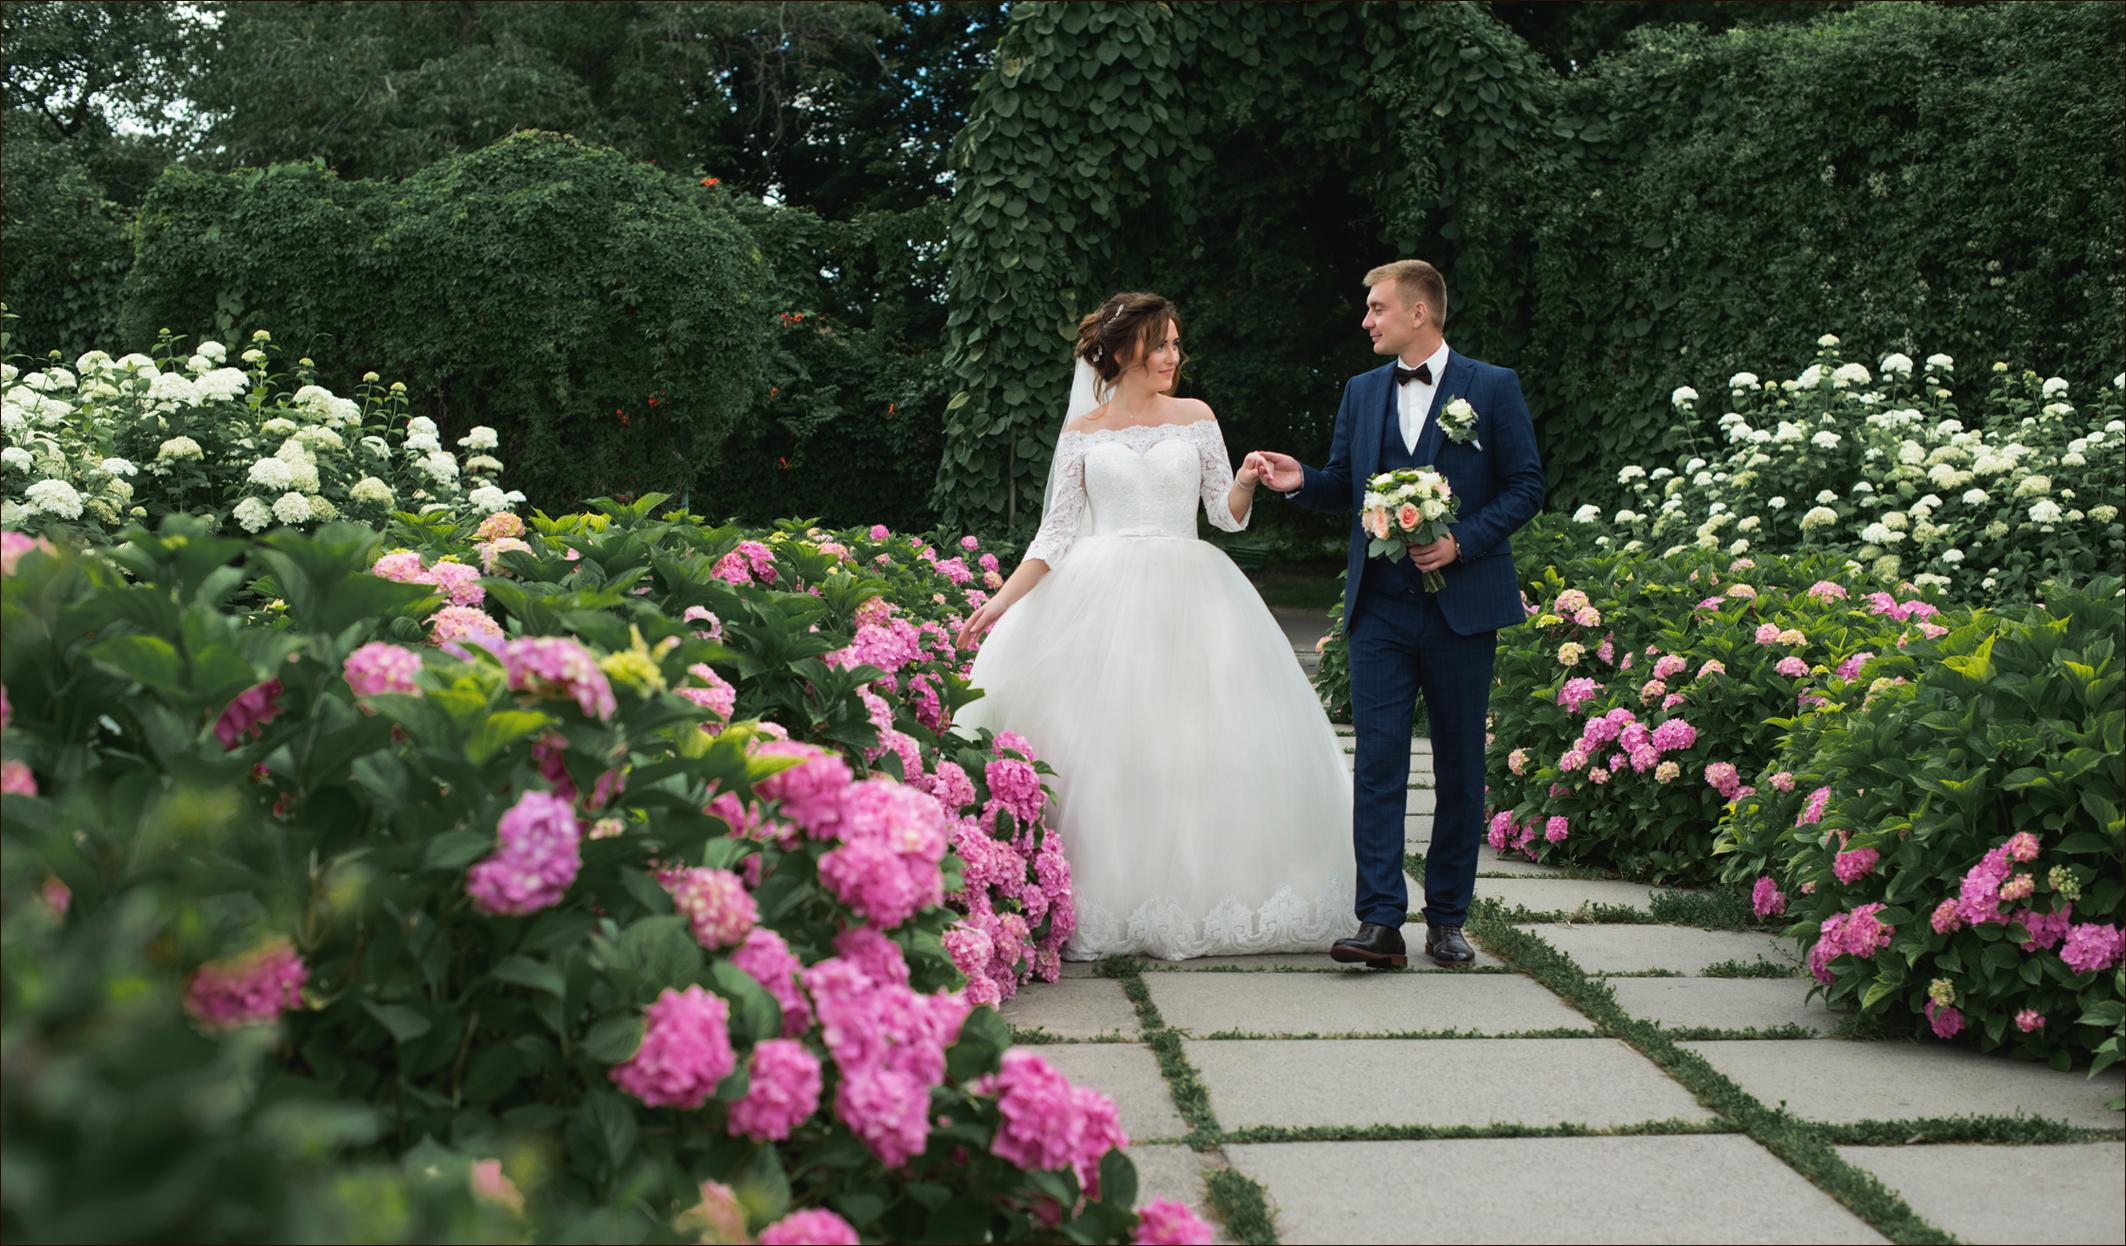 Весільна фотосесія Київ, фотограф Марина Топчий https://www.fotoivideo.com.ua